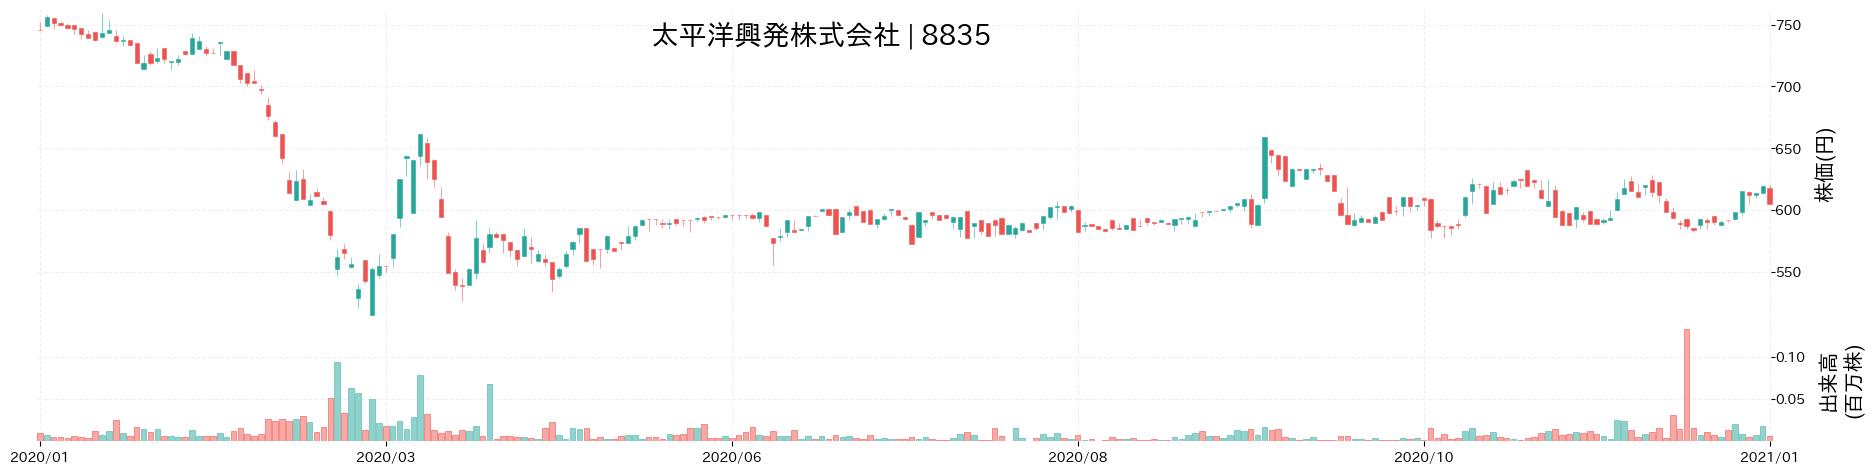 太平洋興発株式会社の株価推移(2020)